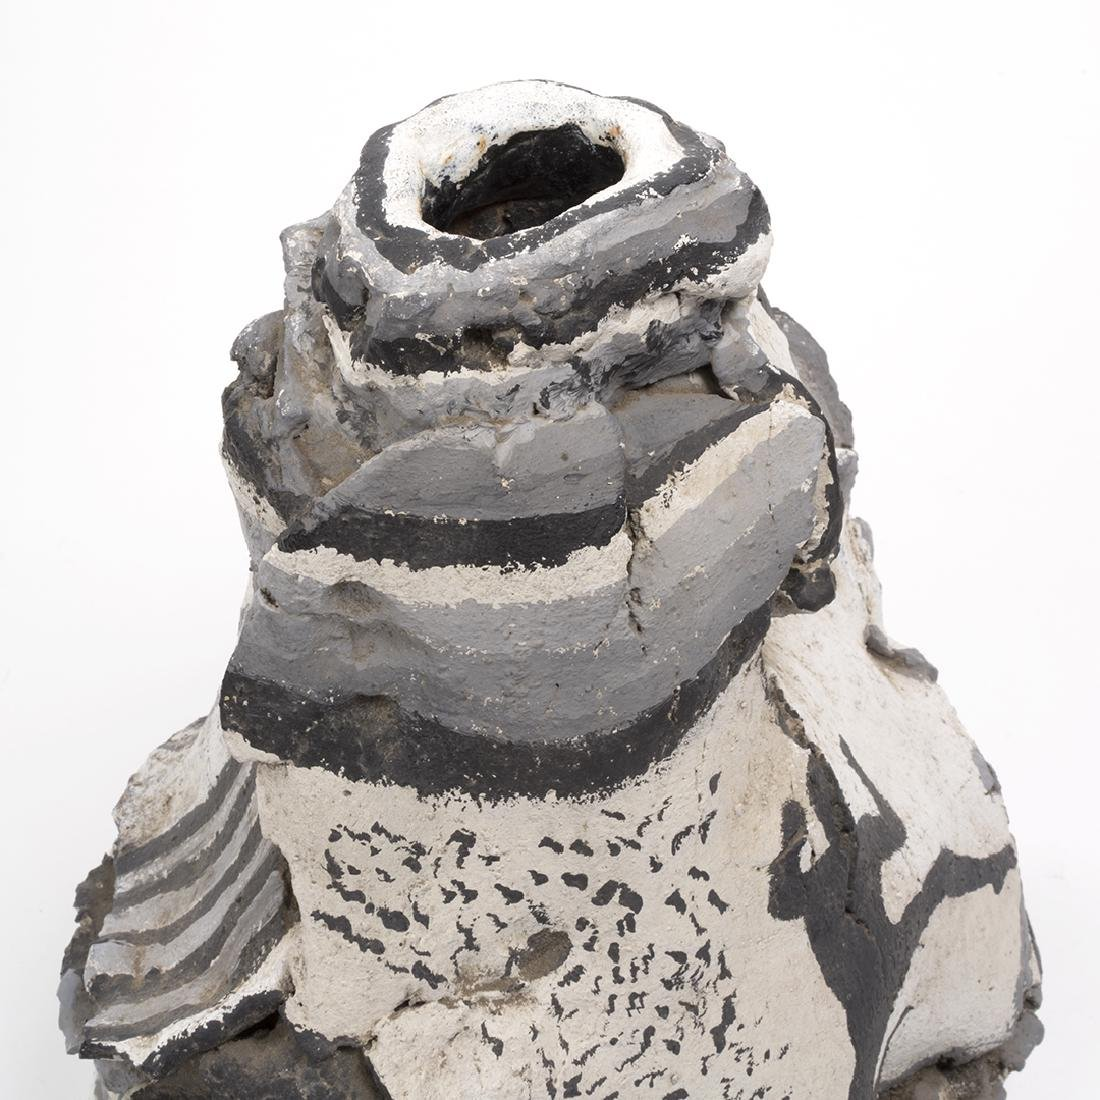 Rudy Autio Style Matte Glazed Slab Form Vase - 4